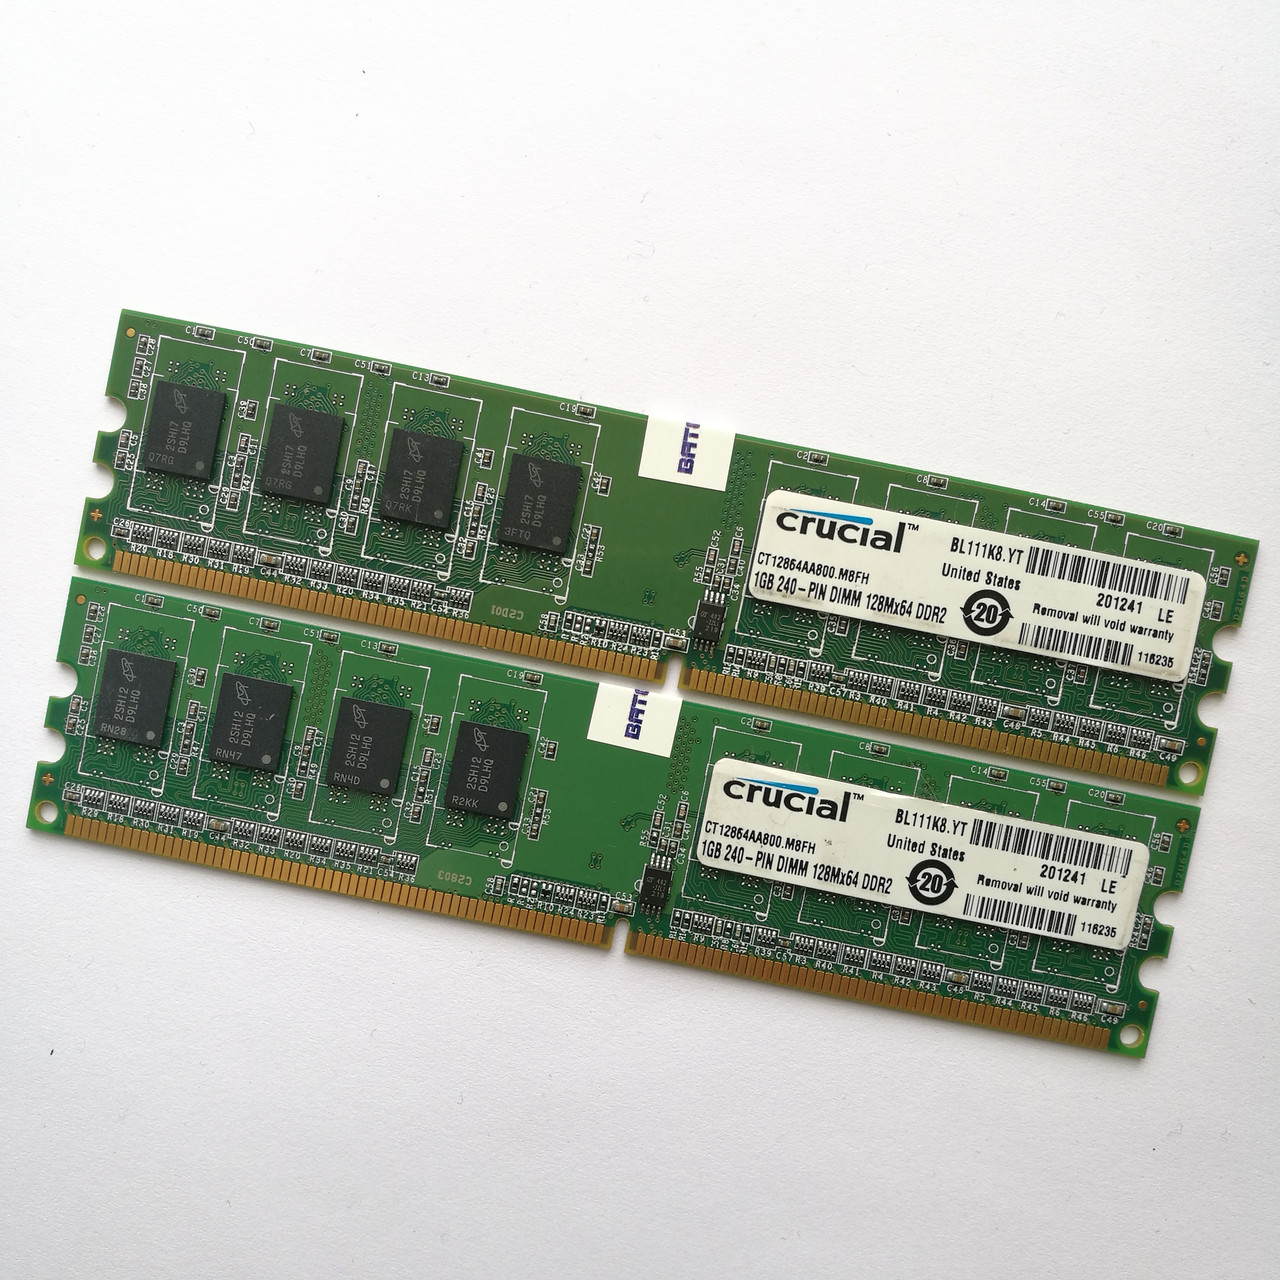 Комплект оперативной памяти Crucial DDR2 2Gb (1Gb+1Gb) 800MHz PC2 6400U CL6 (CT12864AA800.M8FH) Б/У